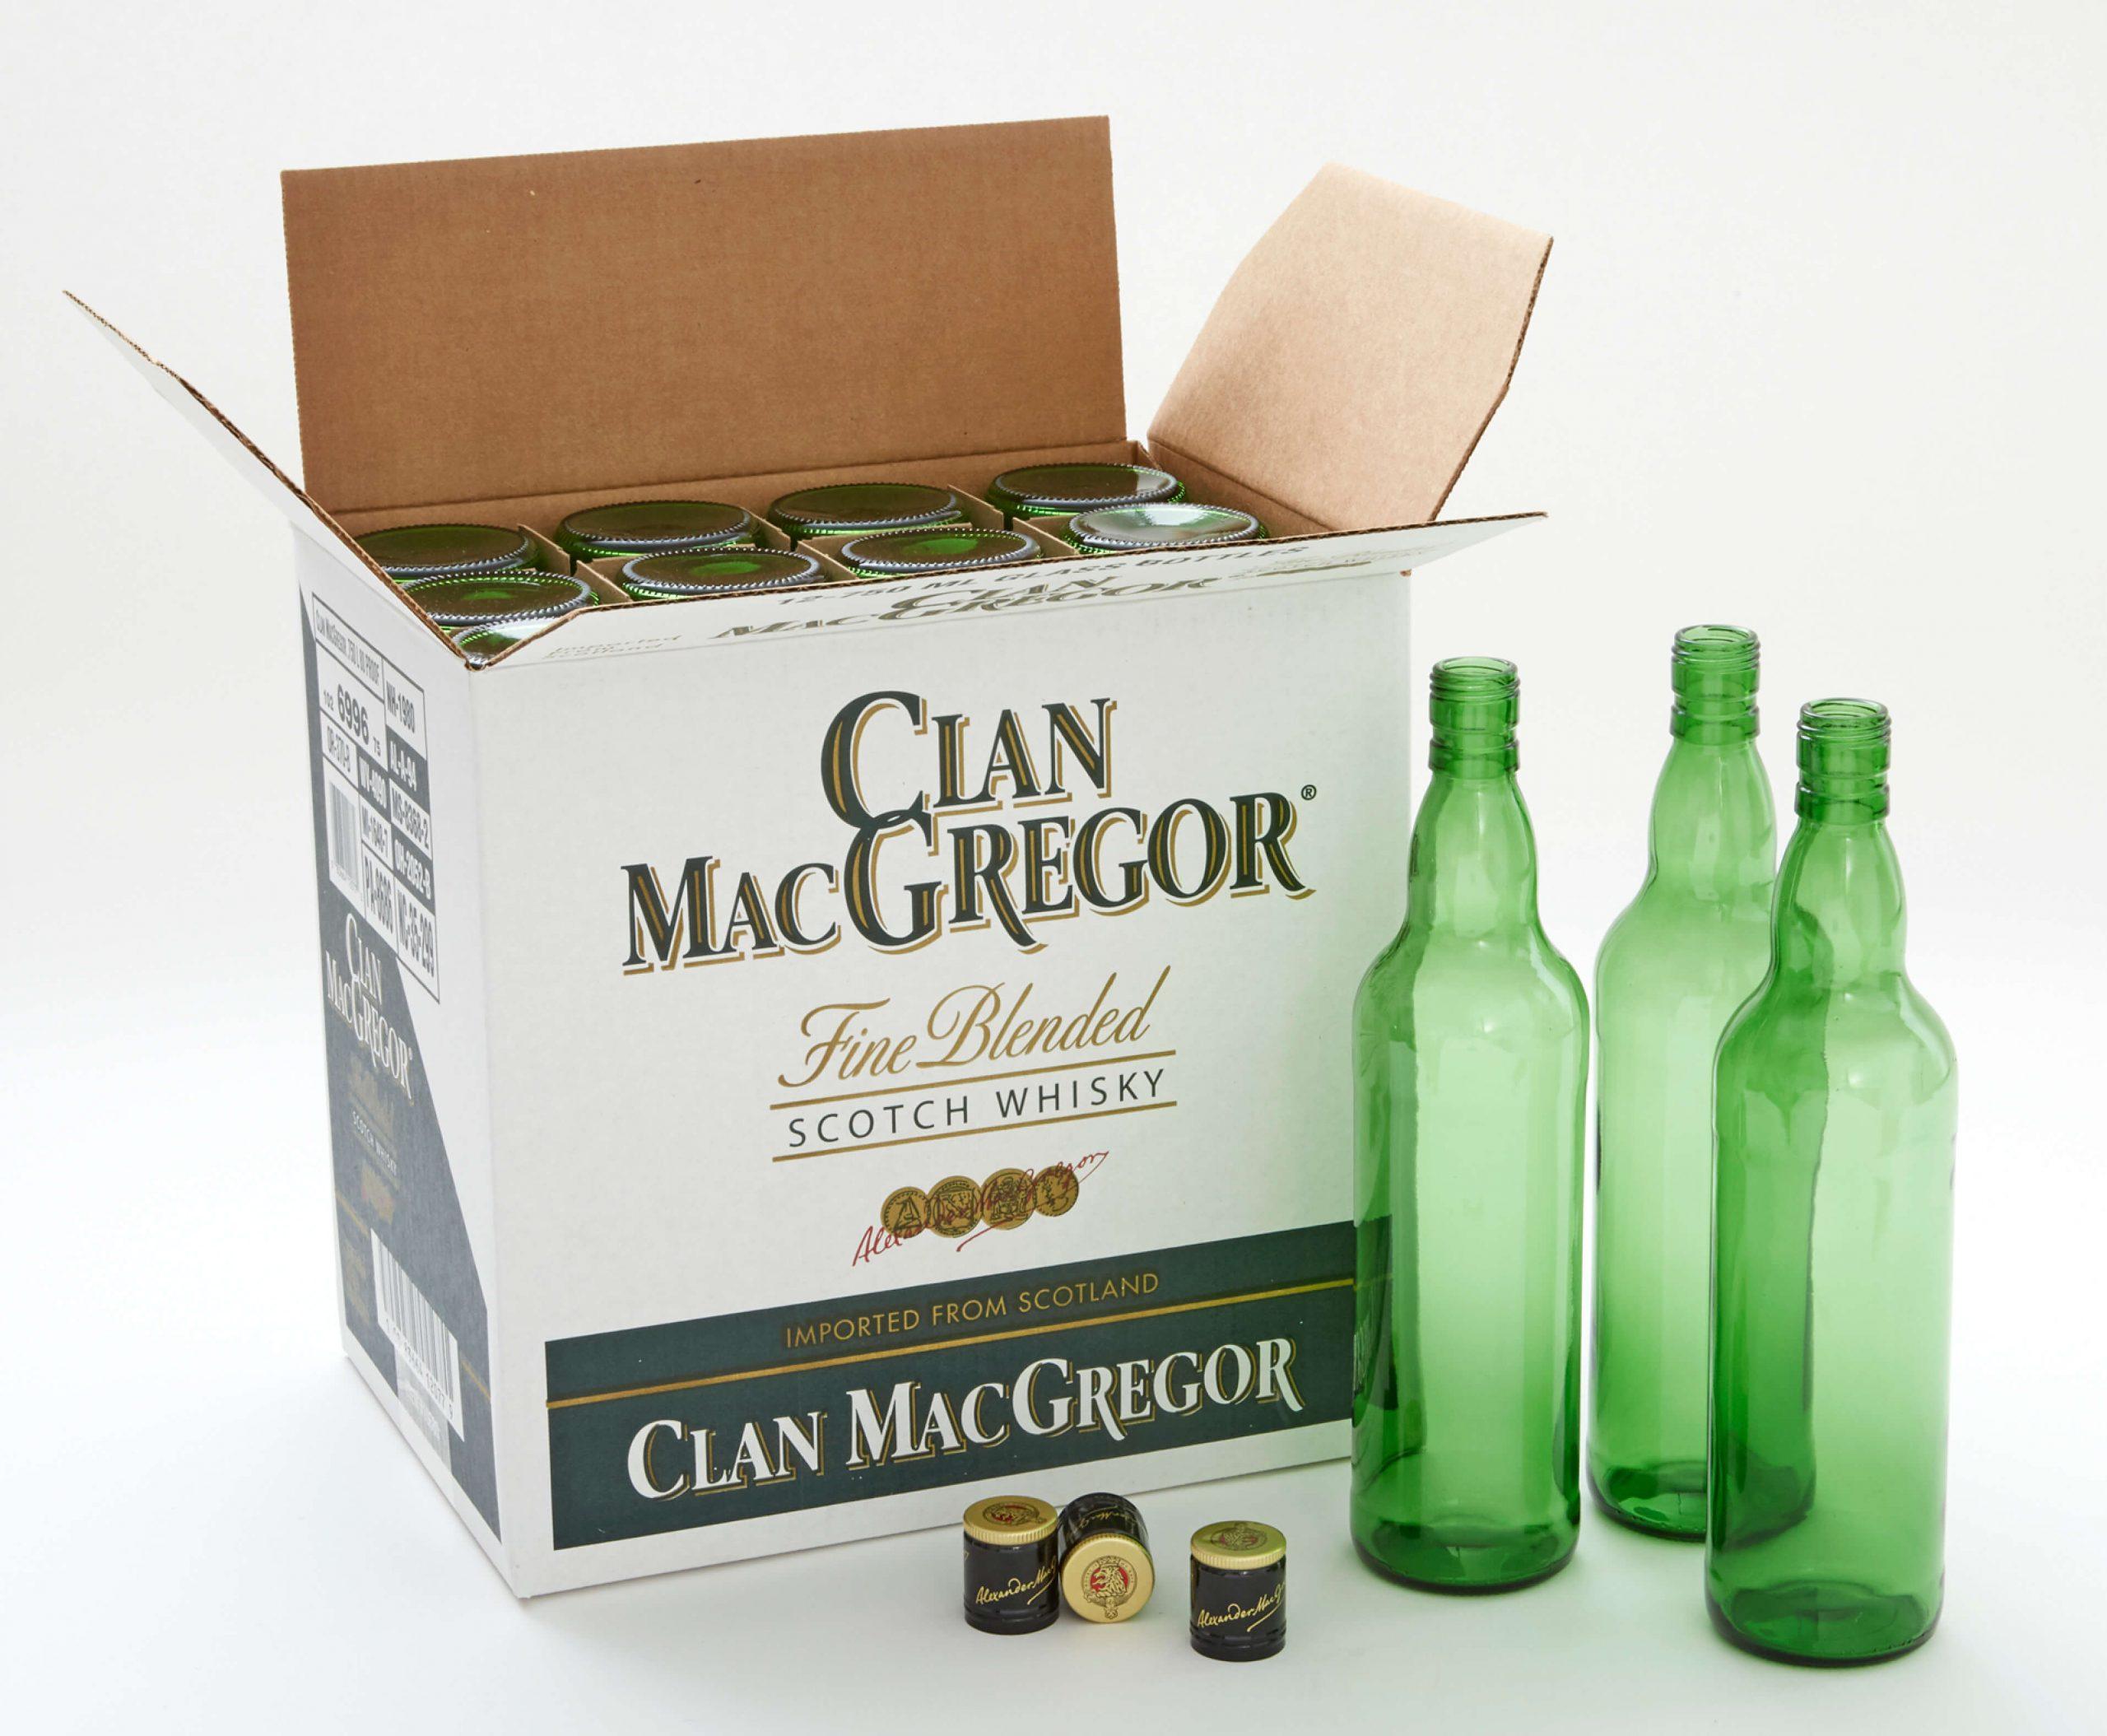 Clan MacGregor branded box